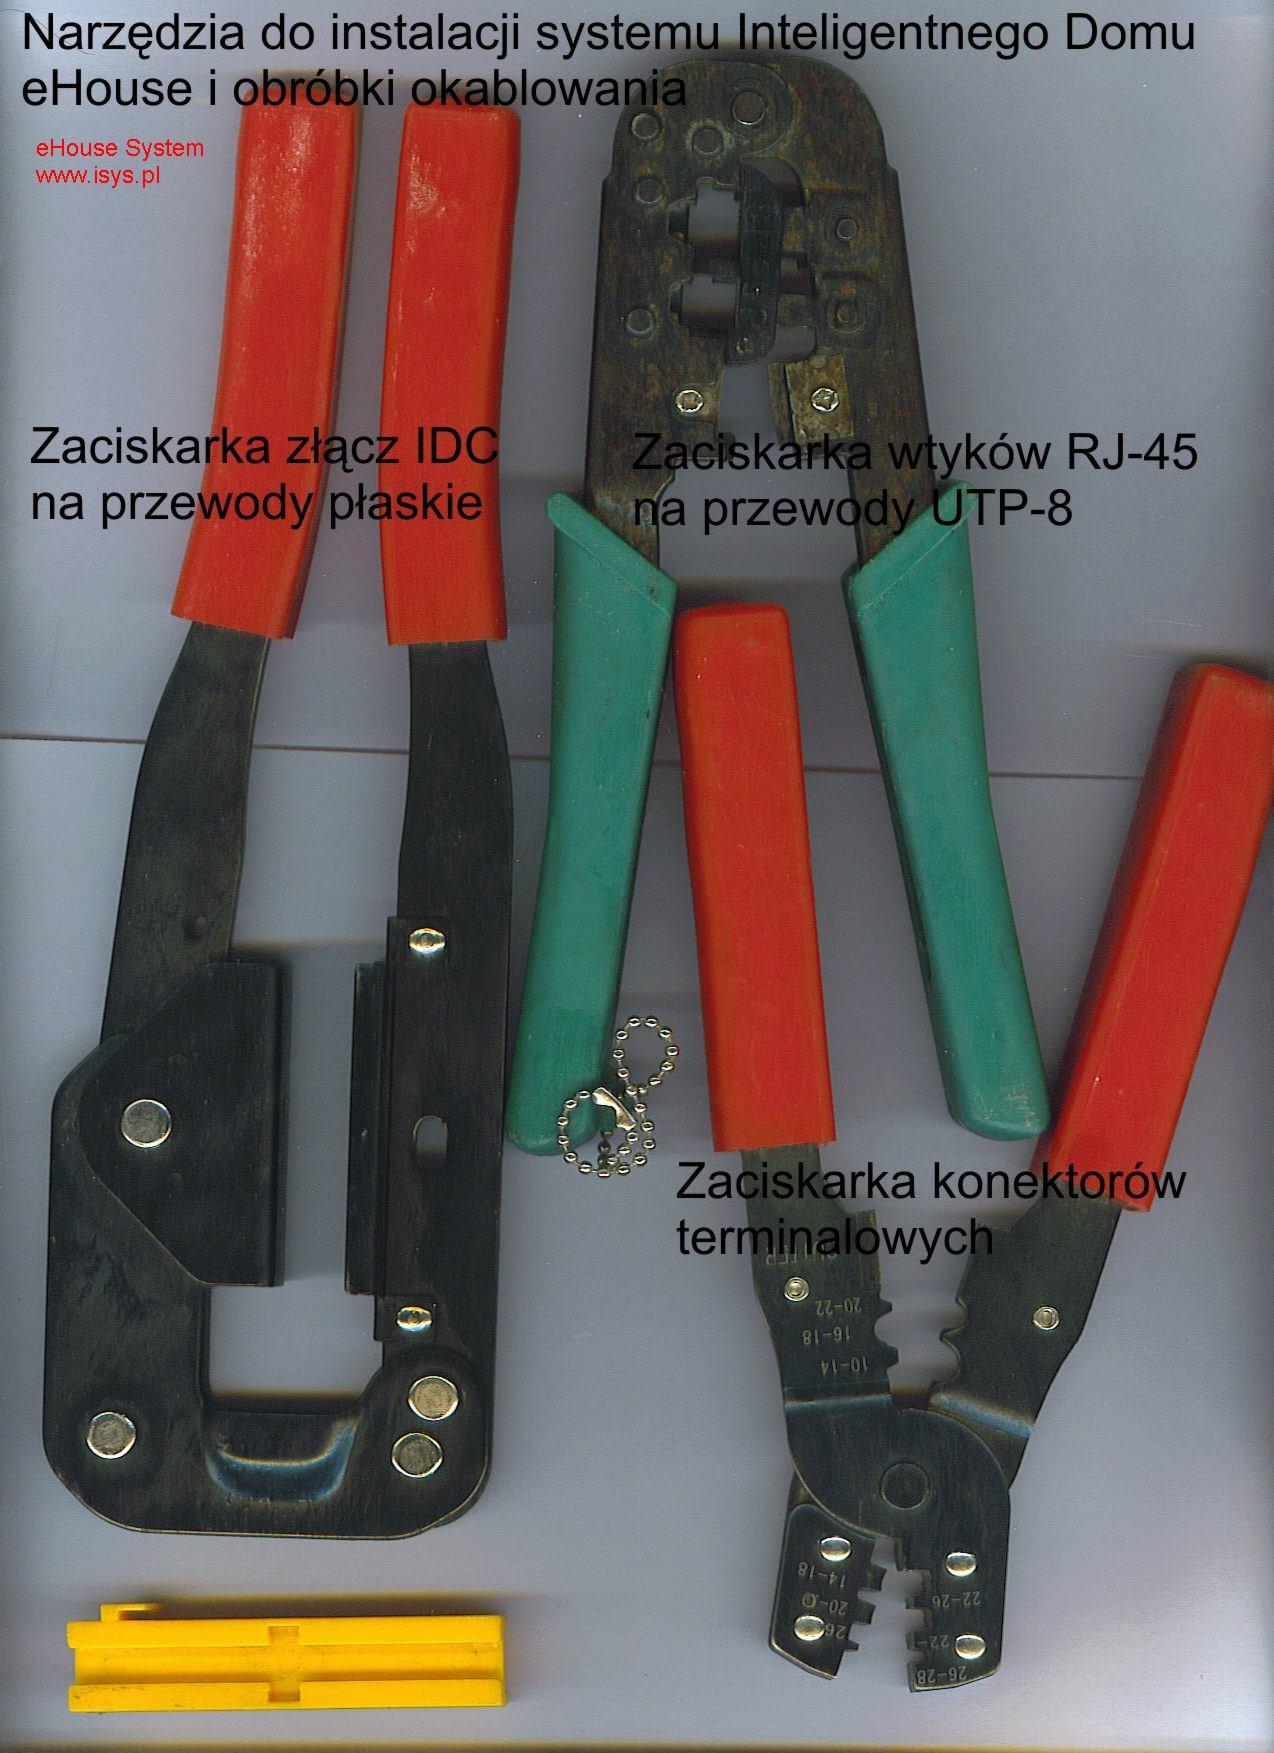 Інструменти для полегшення установки підключення (роз'єми опресовування системи eHouse) .